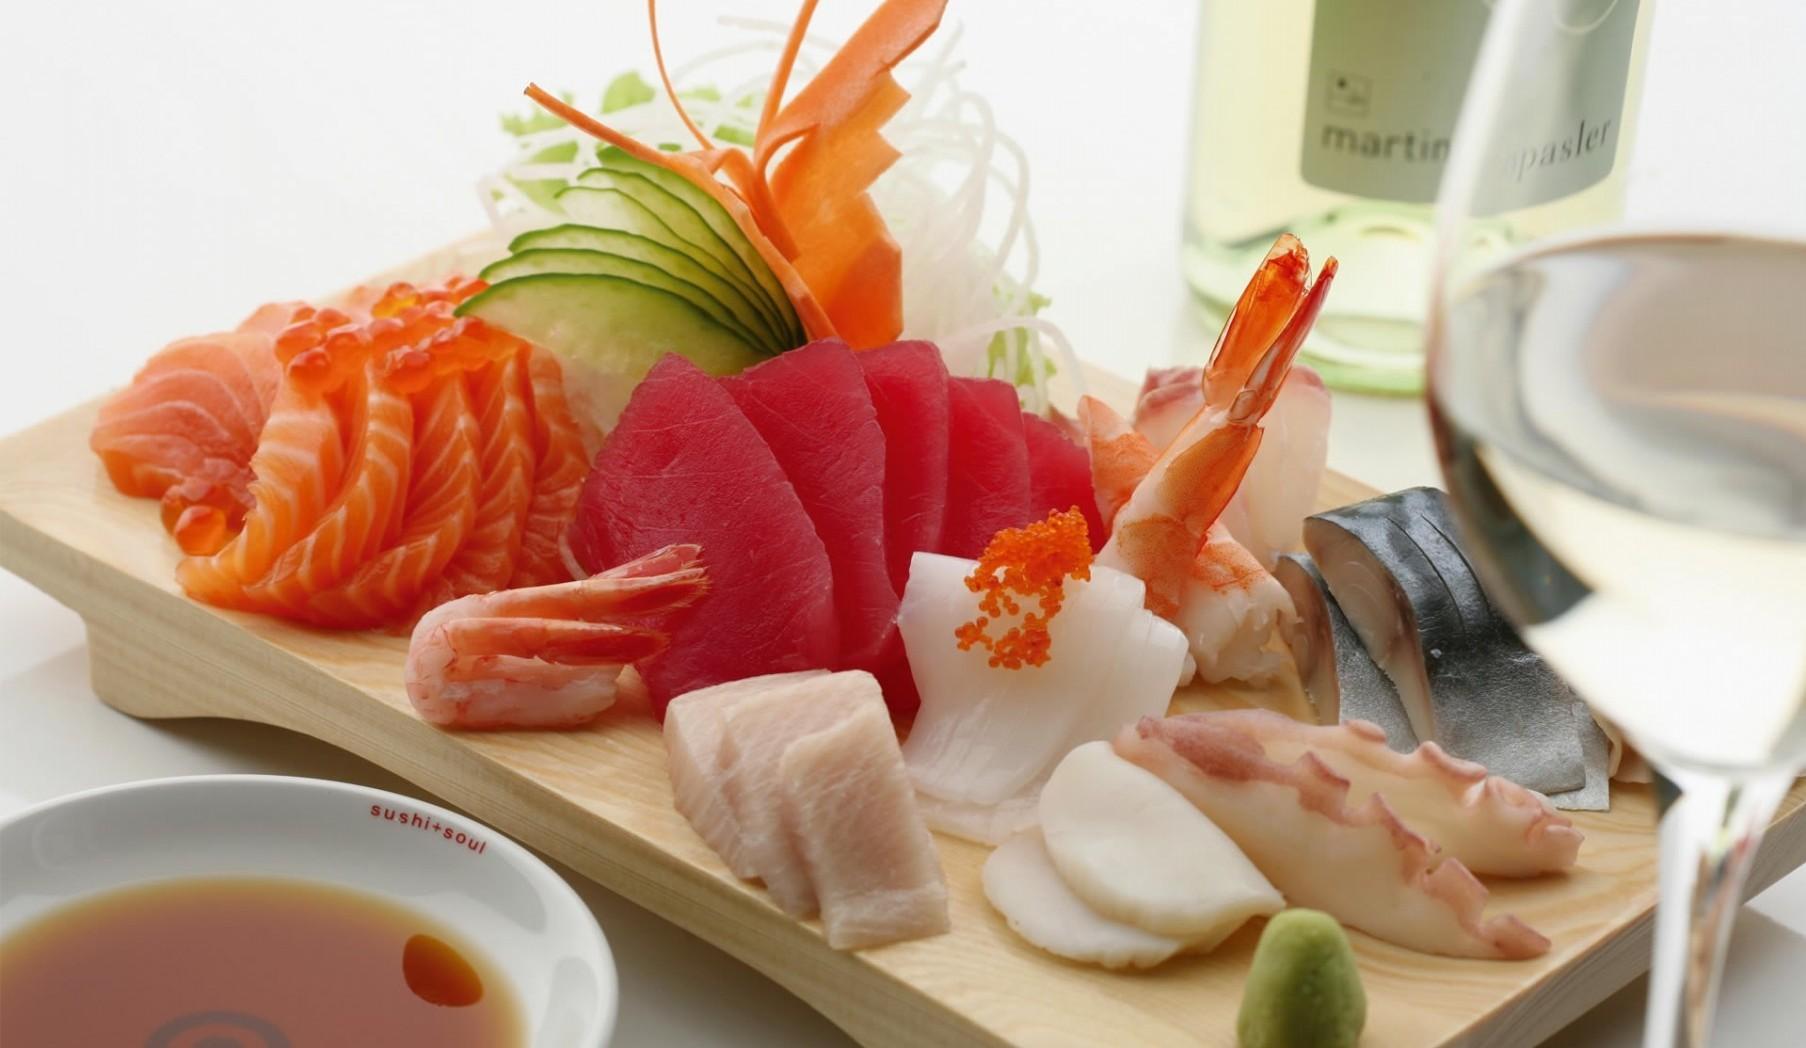 Japanische Köstlichkeiten in München - Sushi-Kurs